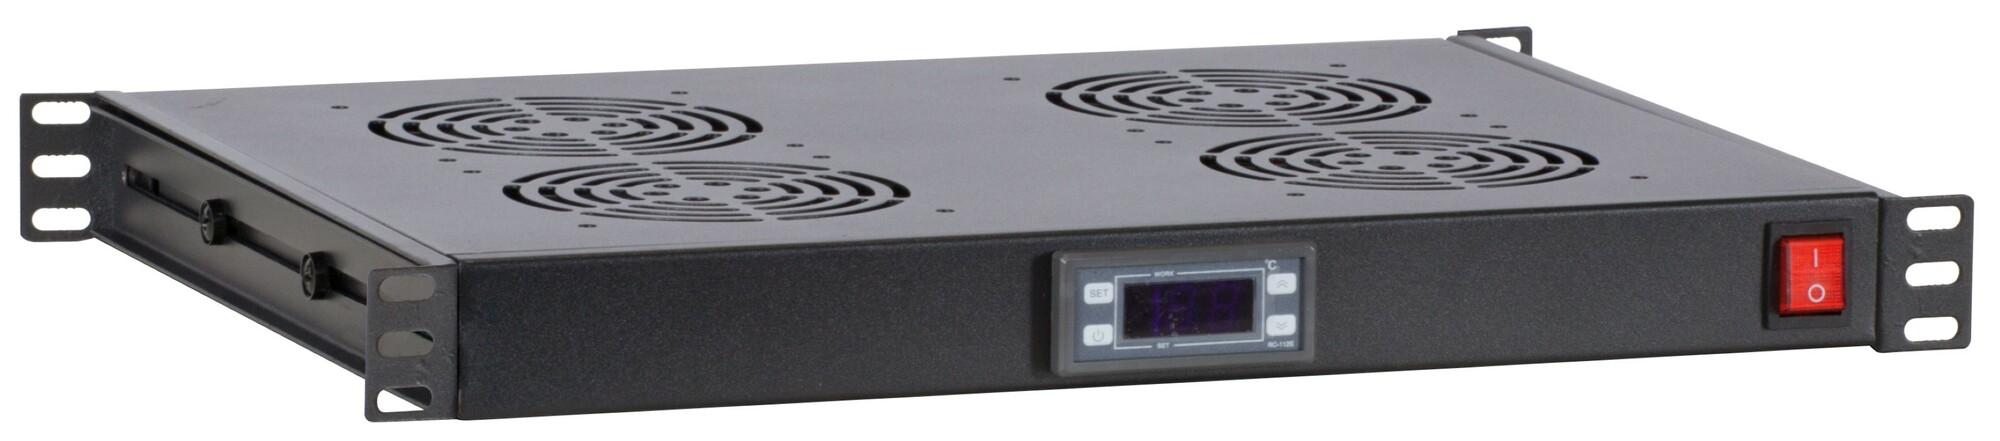 Afbeelding van 1U 19 inch ventilator set met 4st fan voor patchkasten (thermostaat, 230V)